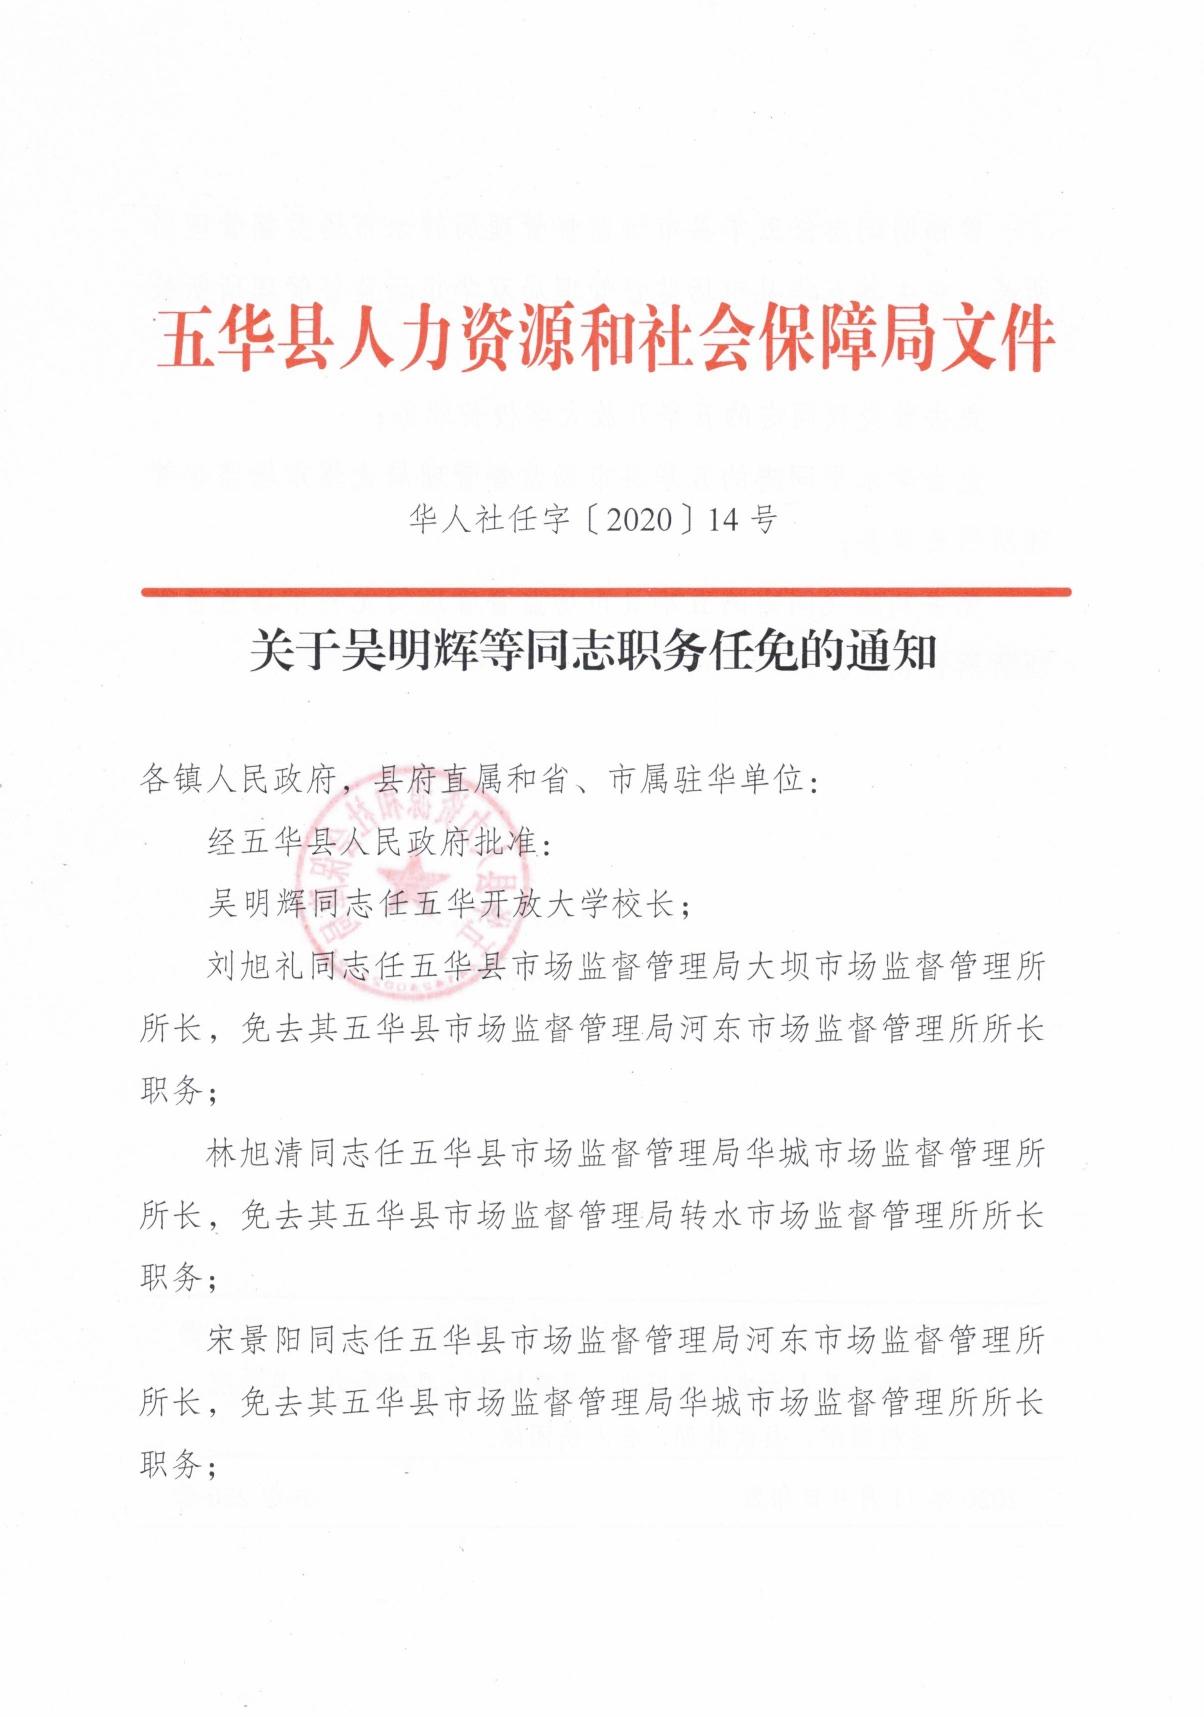 华人社任字【2020】14号(1)0000.jpg